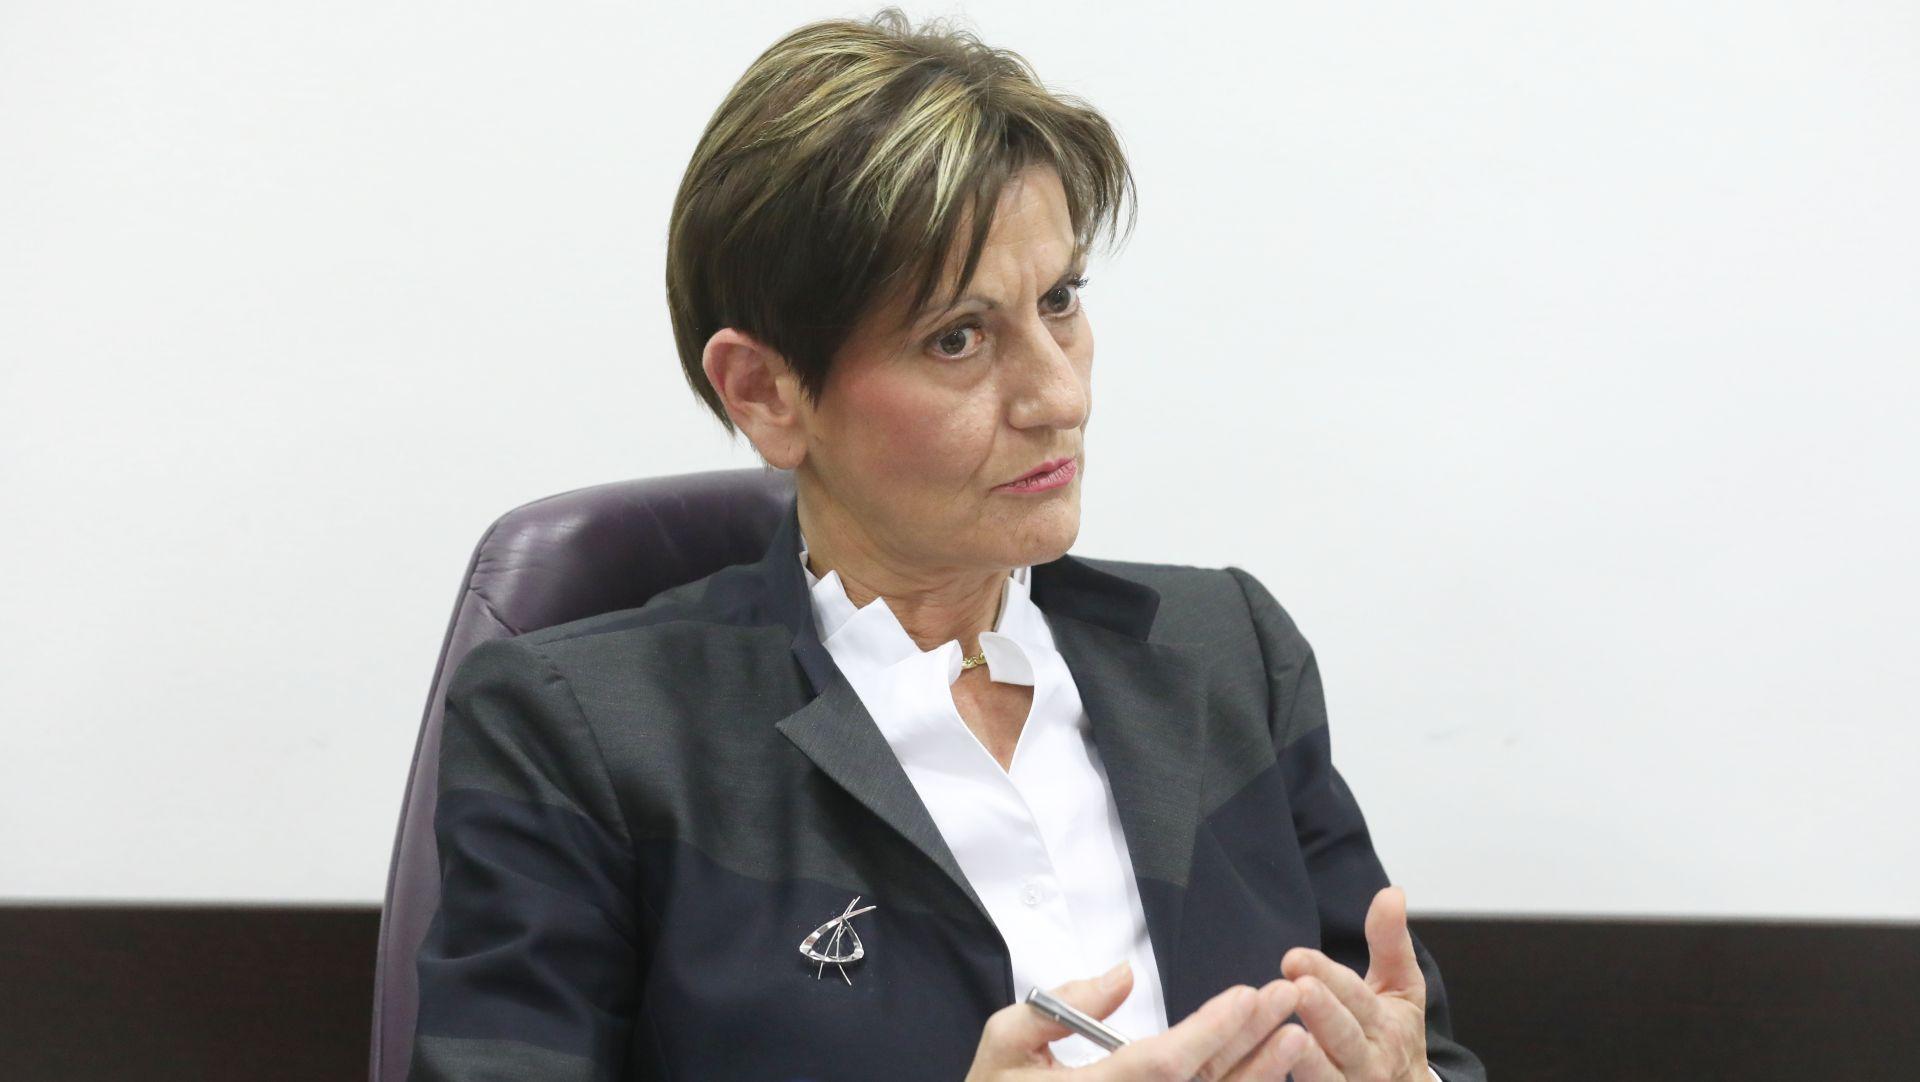 Nacionalove najvažnije priče i otkrića tijekom 2018. godine